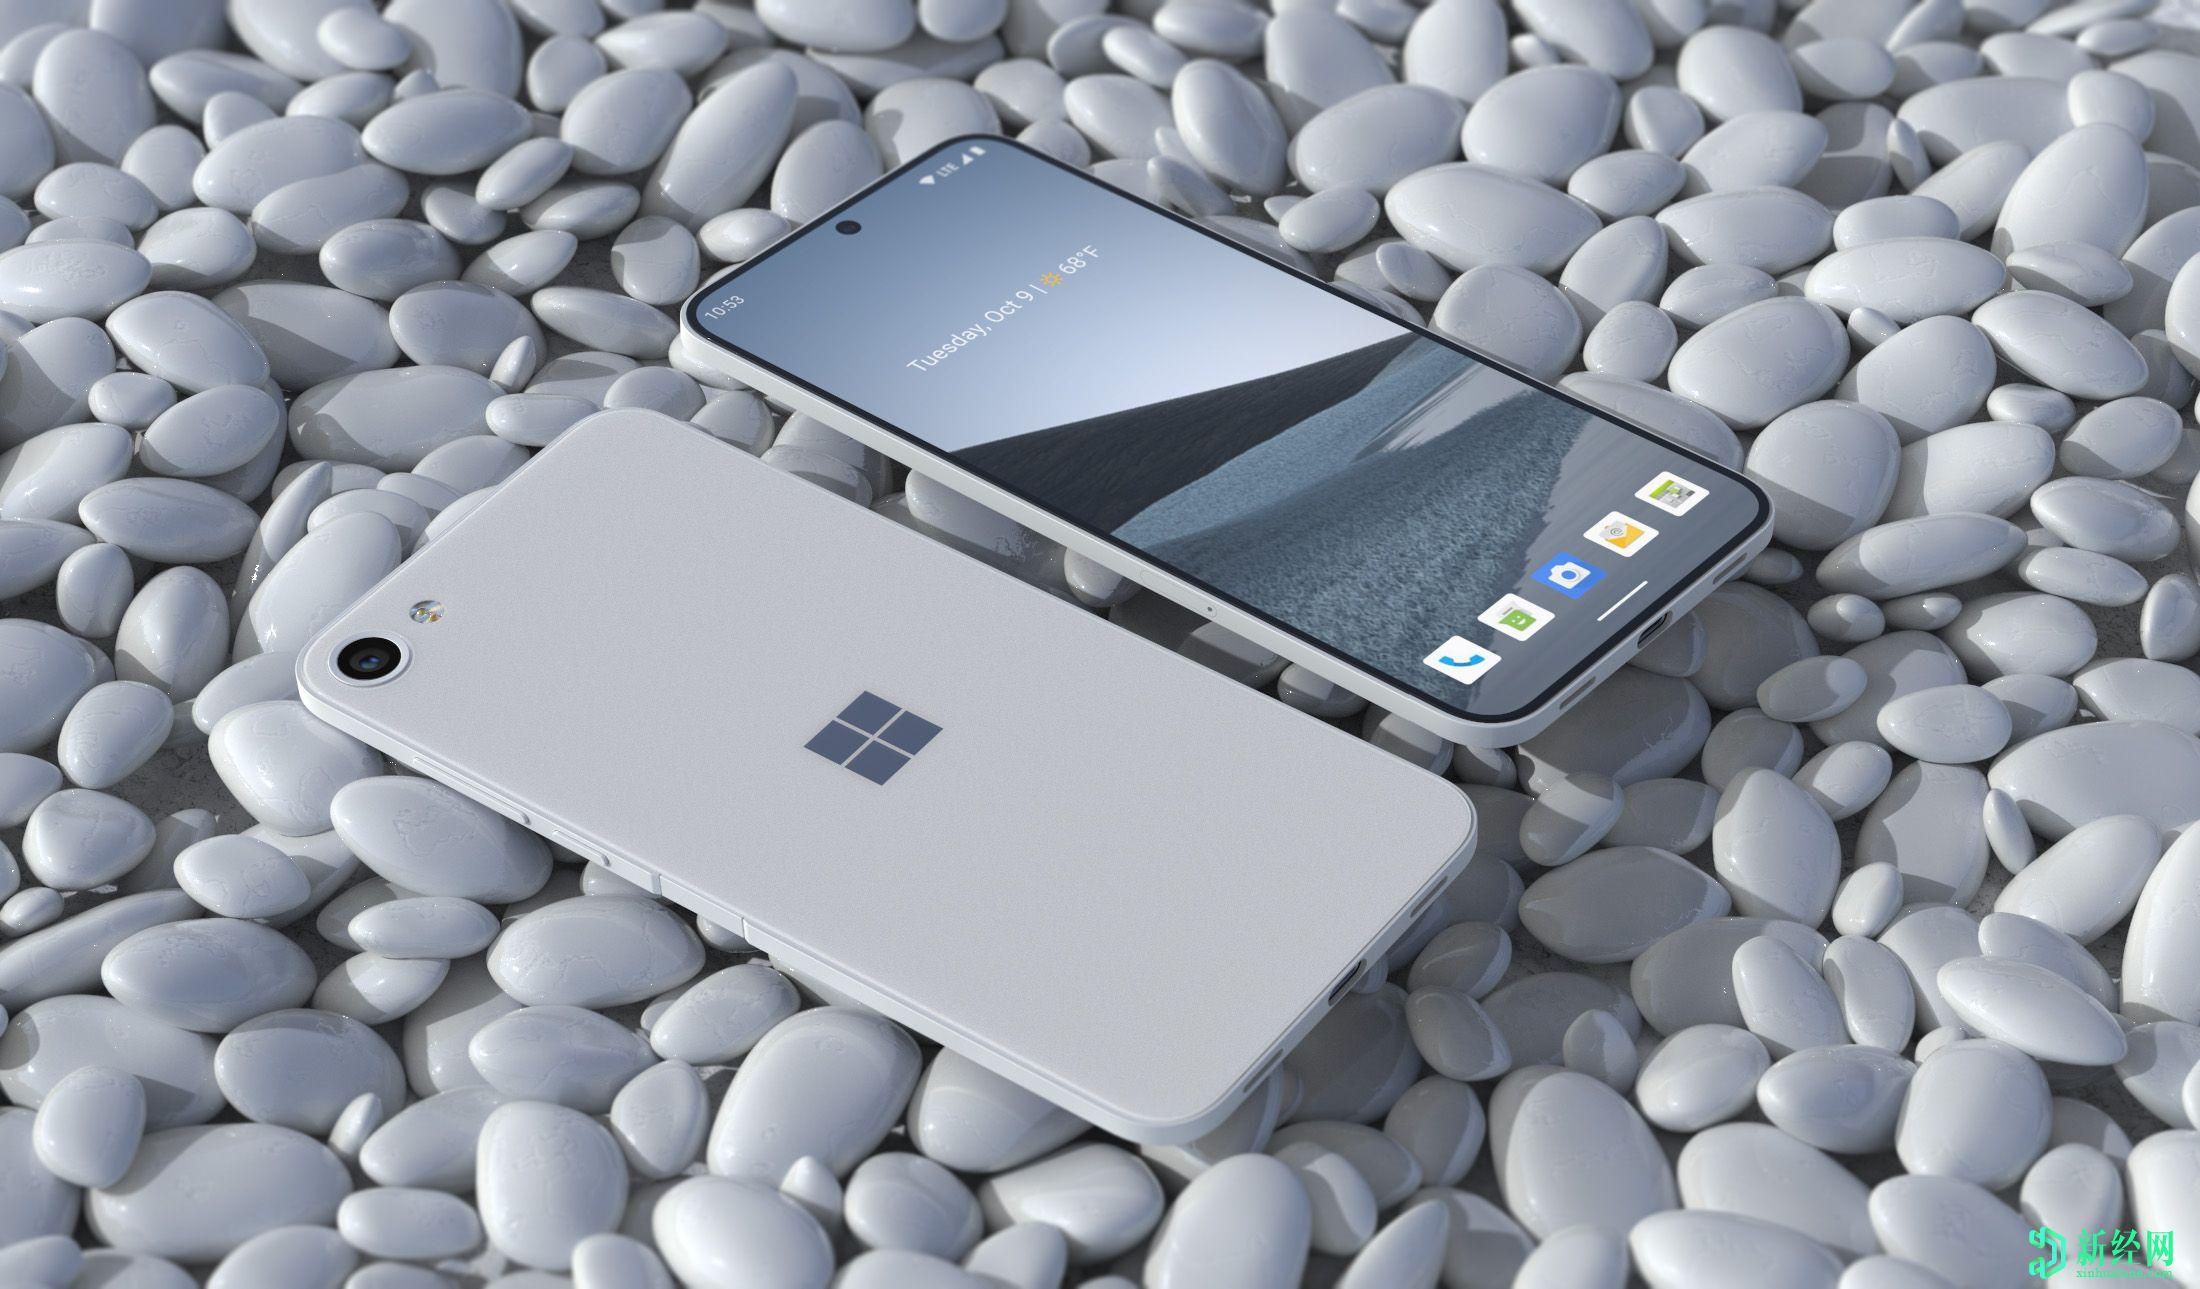 微软Surface Solo概念渲染展示了智能手机设计